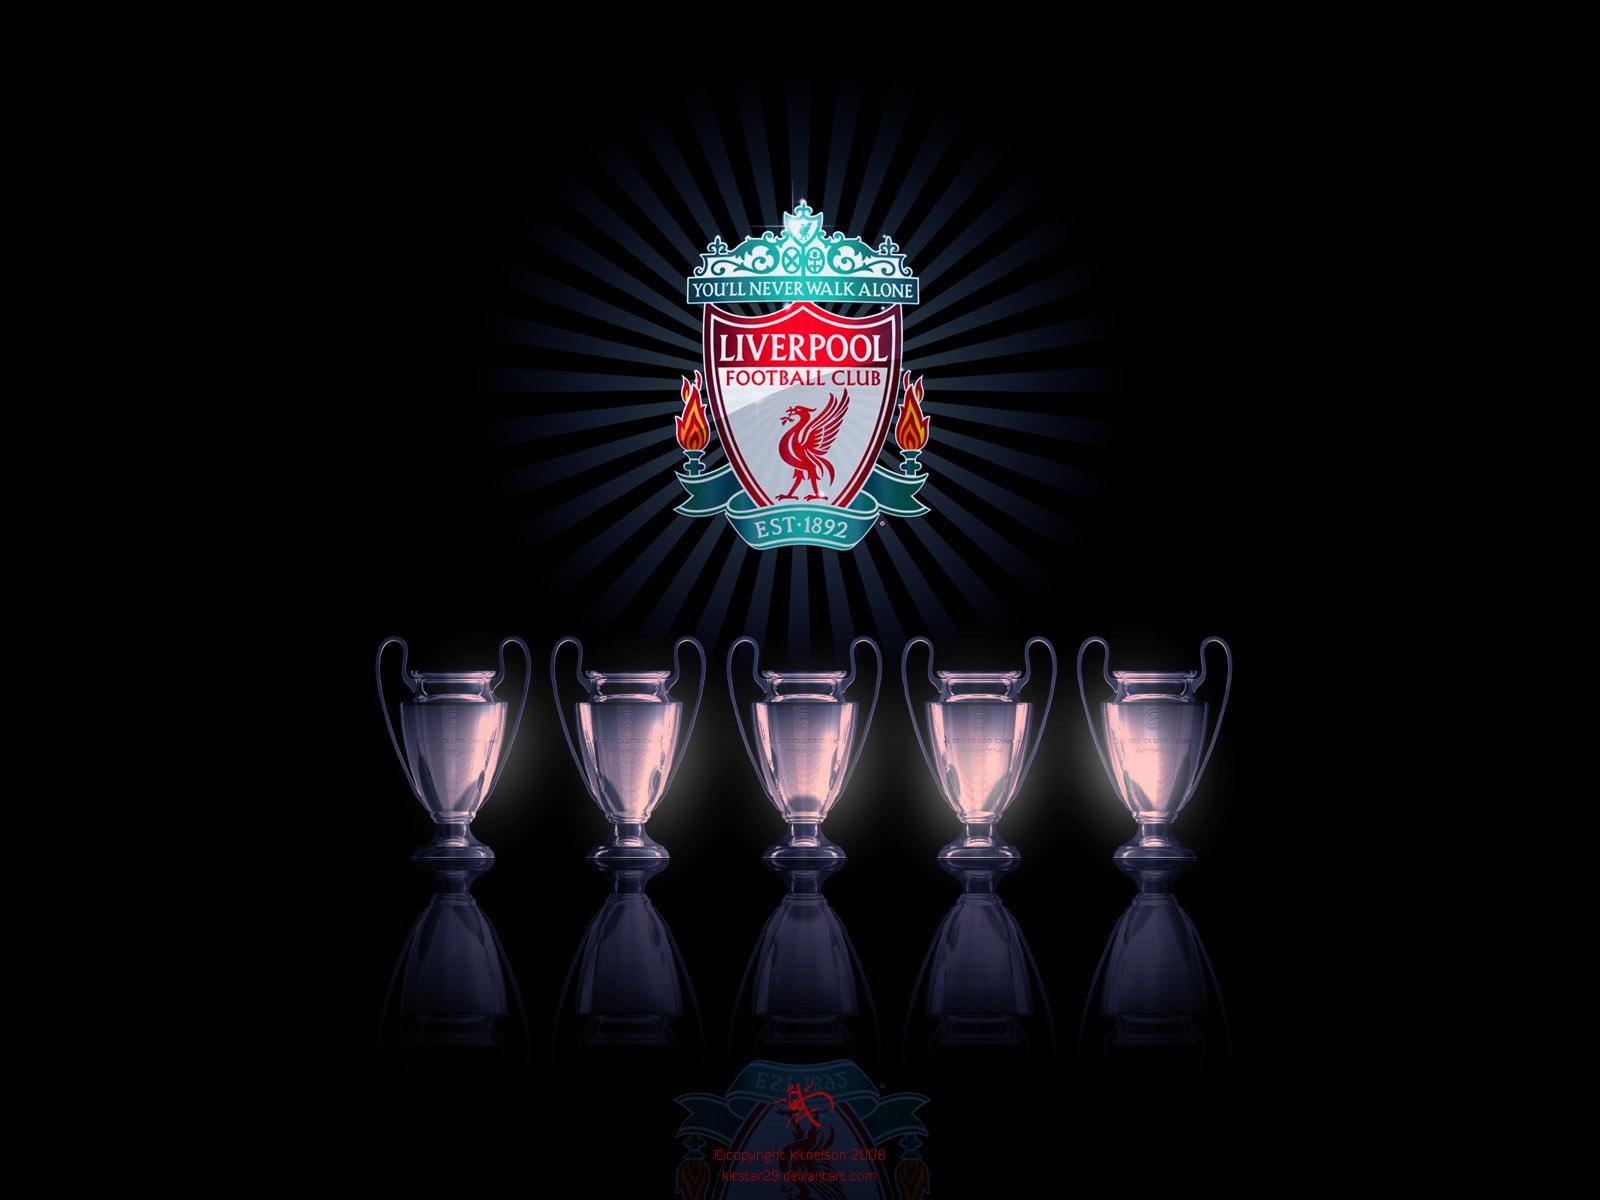 http://2.bp.blogspot.com/-1js5m_gqGGM/TgZh1xEfSAI/AAAAAAAAAgs/gH1VwiAgv5w/s1600/Liverpool+FC+Wallpaper+%252810%2529.jpg